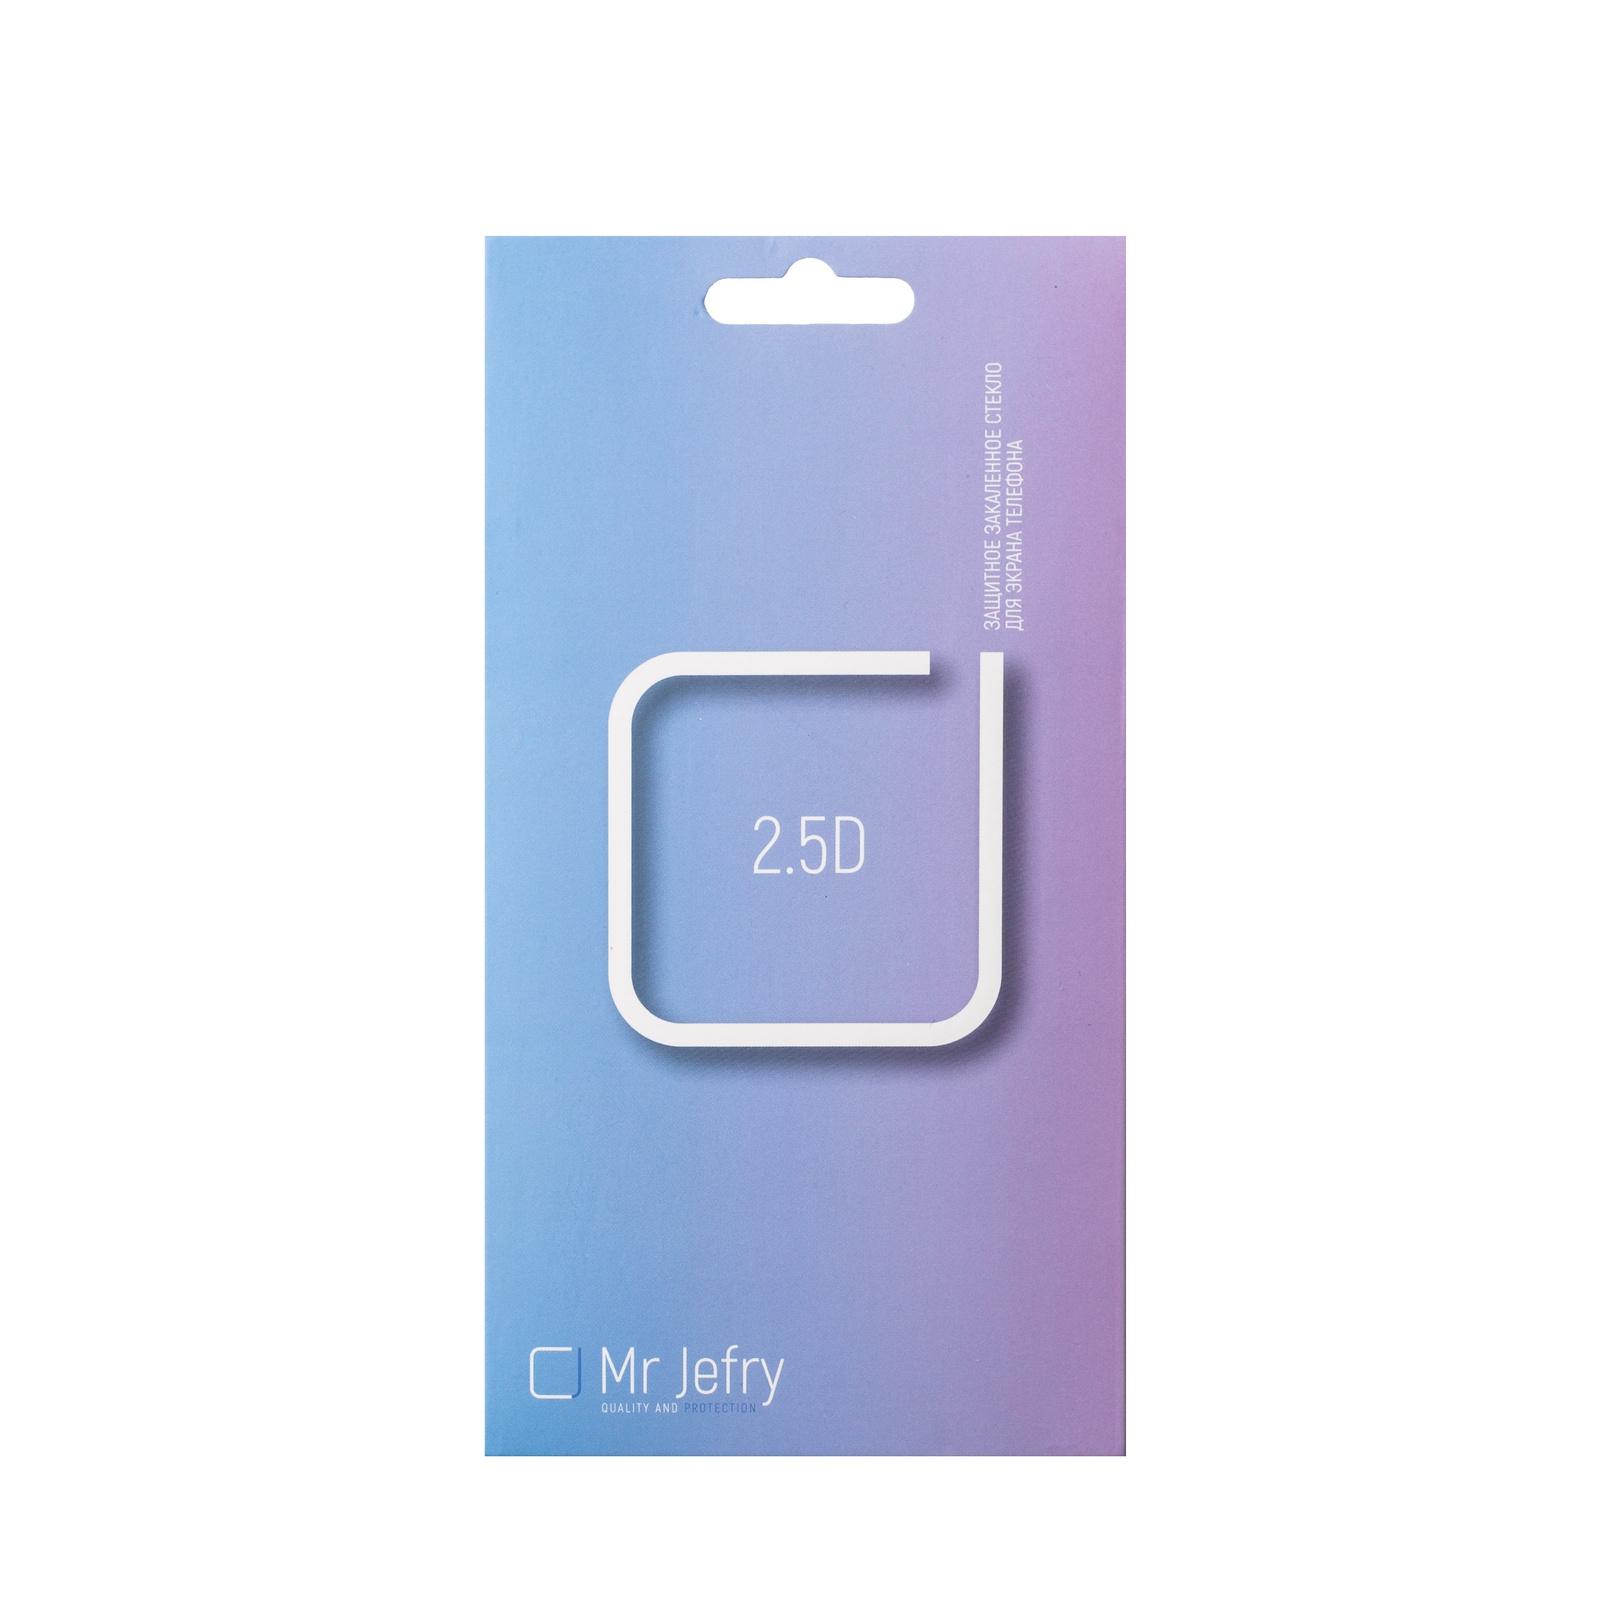 Mr Jefry стекло защитное (многослойное) 2,5D для IPhone 7/8 plus